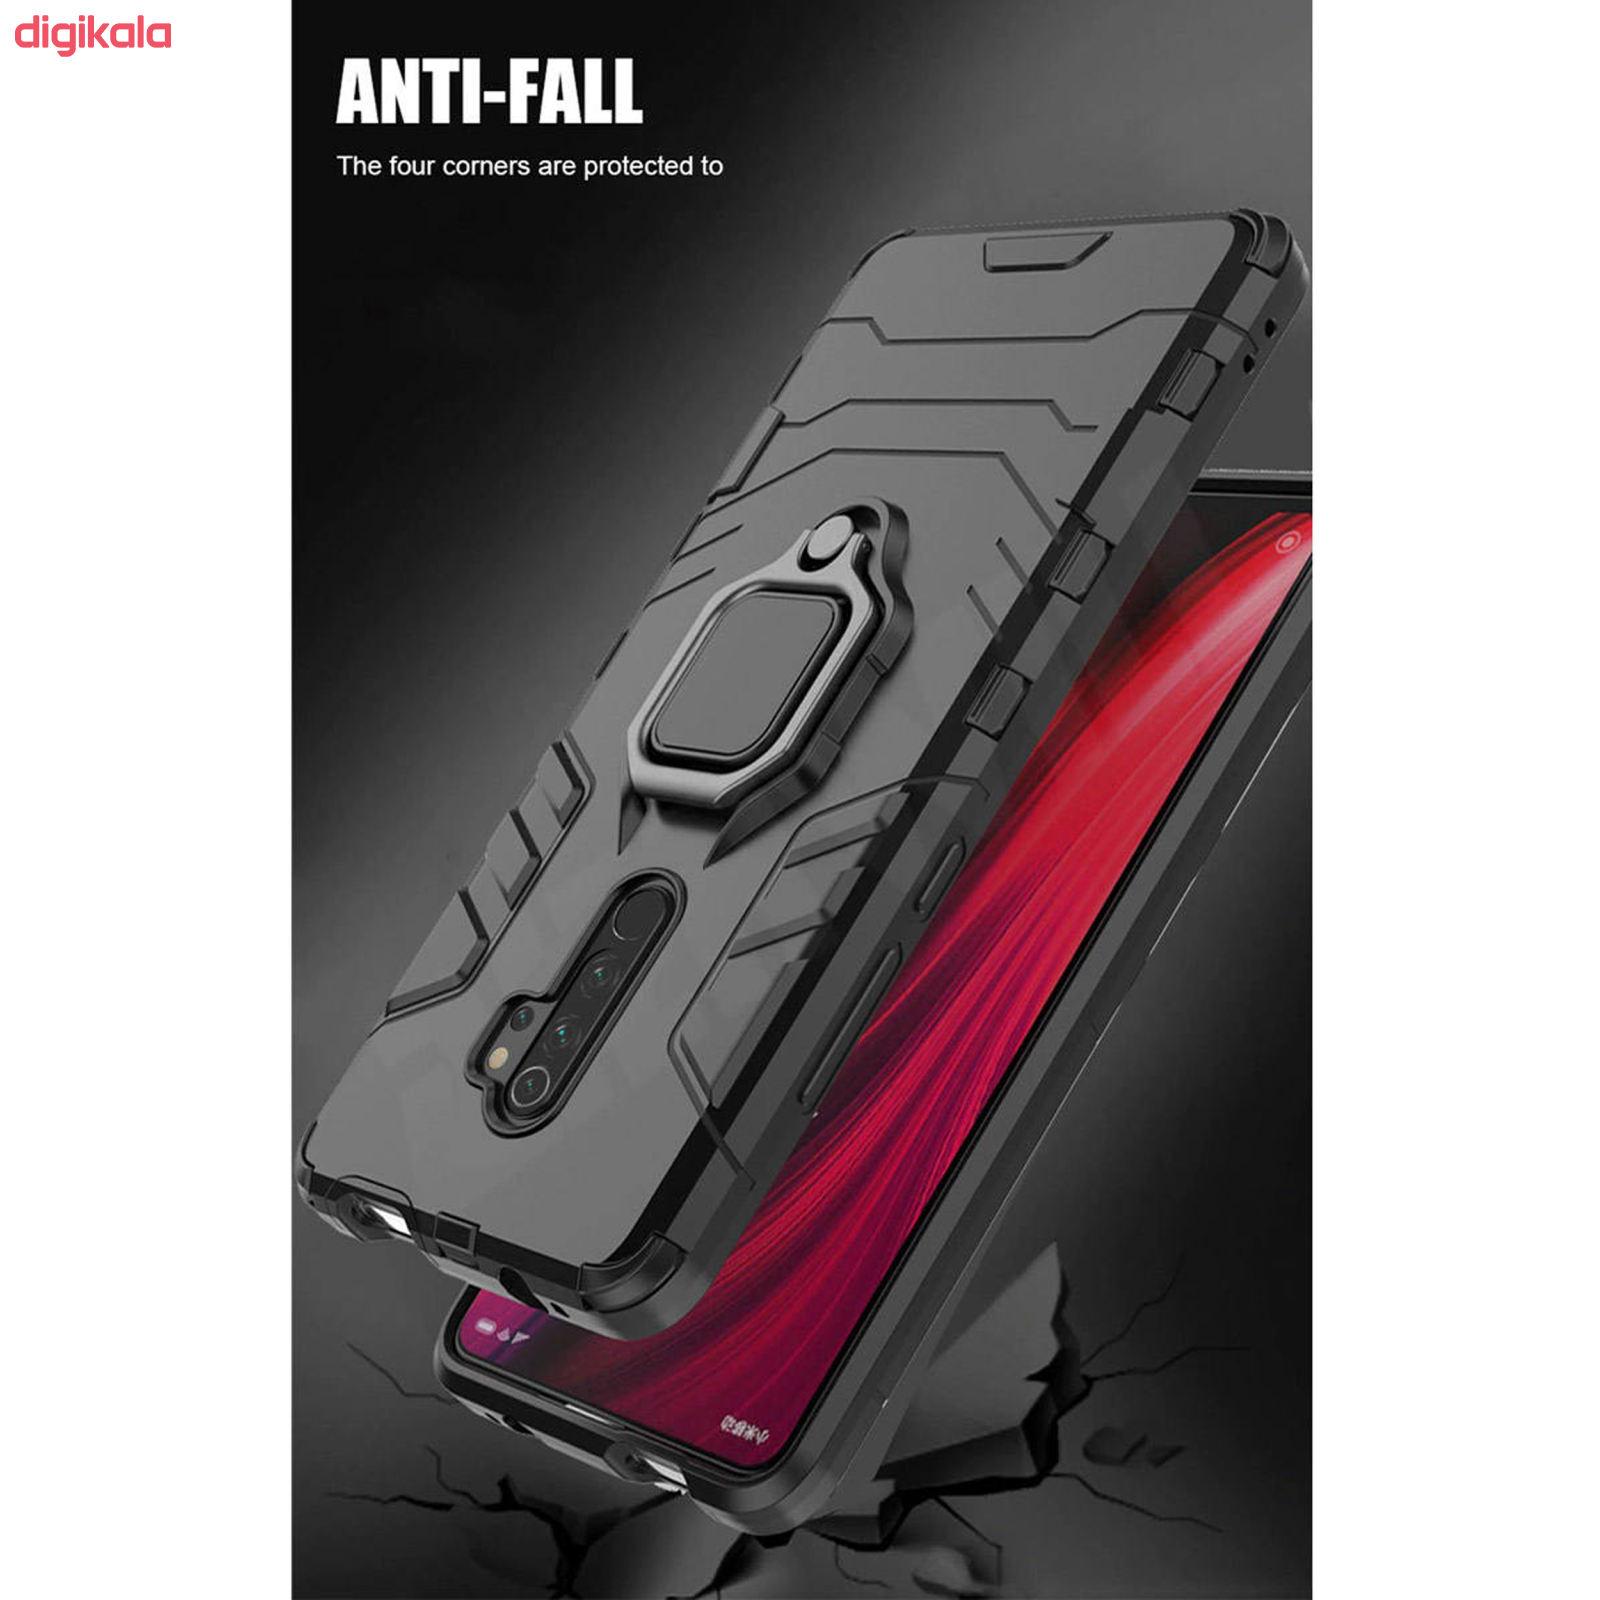 کاور کماندو مدل ASH21 مناسب برای گوشی موبایل شیائومی Redmi Note 8 Pro main 1 12